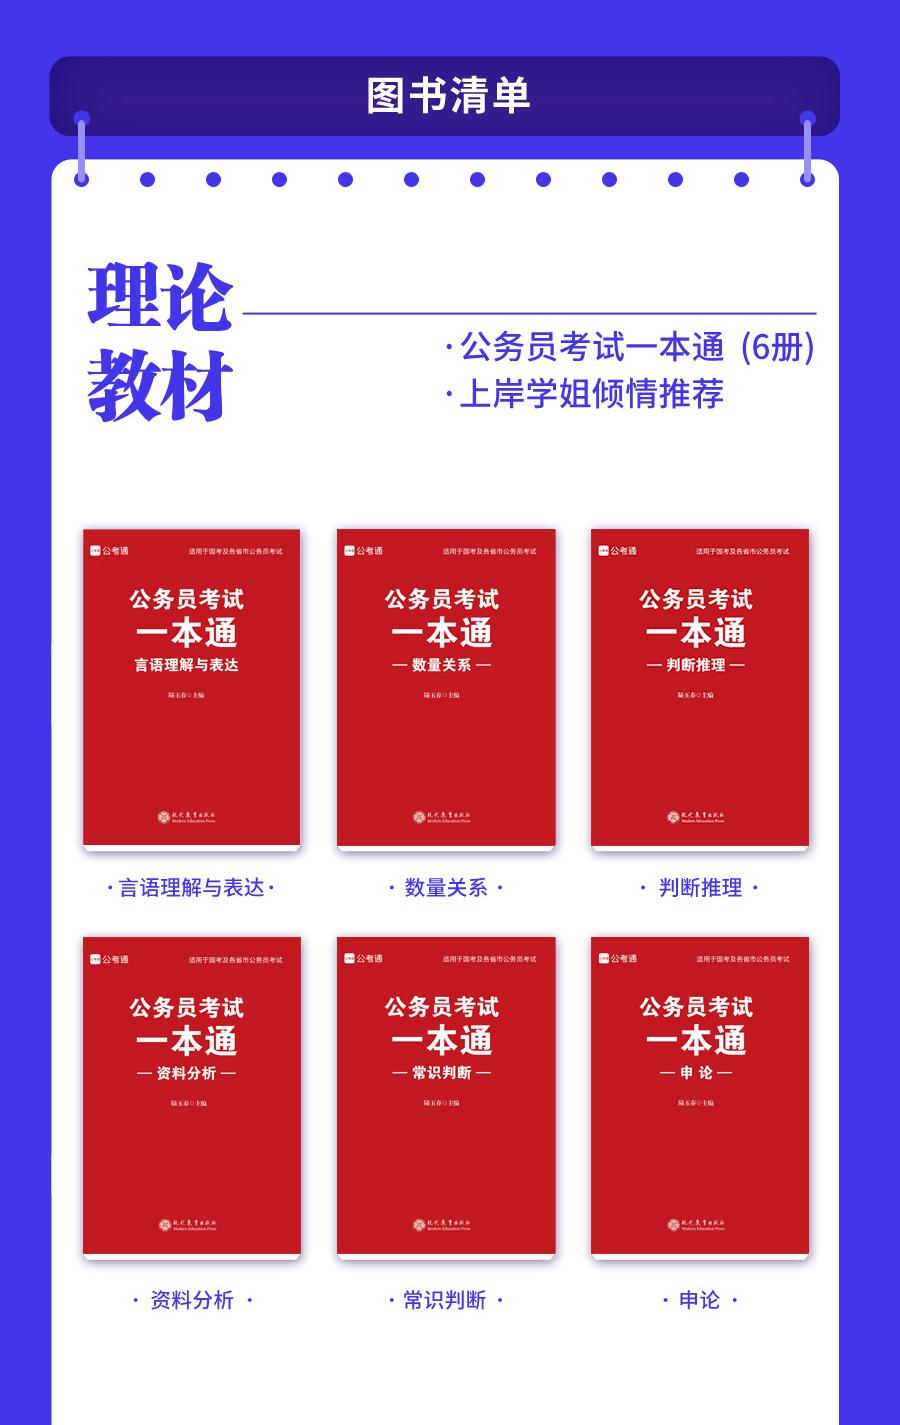 2021年国考_江苏省考笔试系统班详情_05